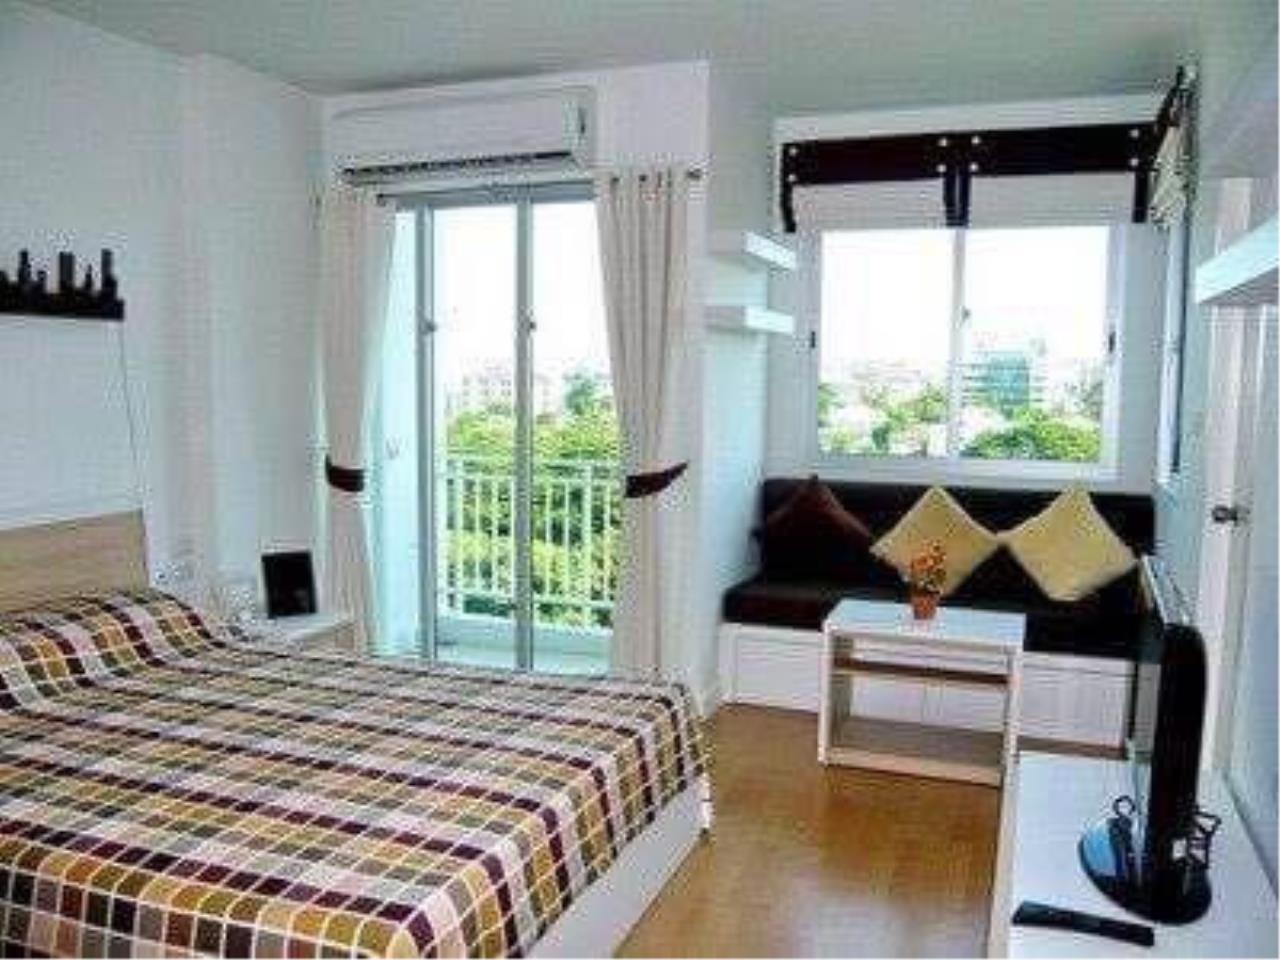 Quality Life Property Agency's S A L E & R E N T ! My Condo Sukhumvit 81 | 1 BED 1 BATH | 26 SQ. M. 2